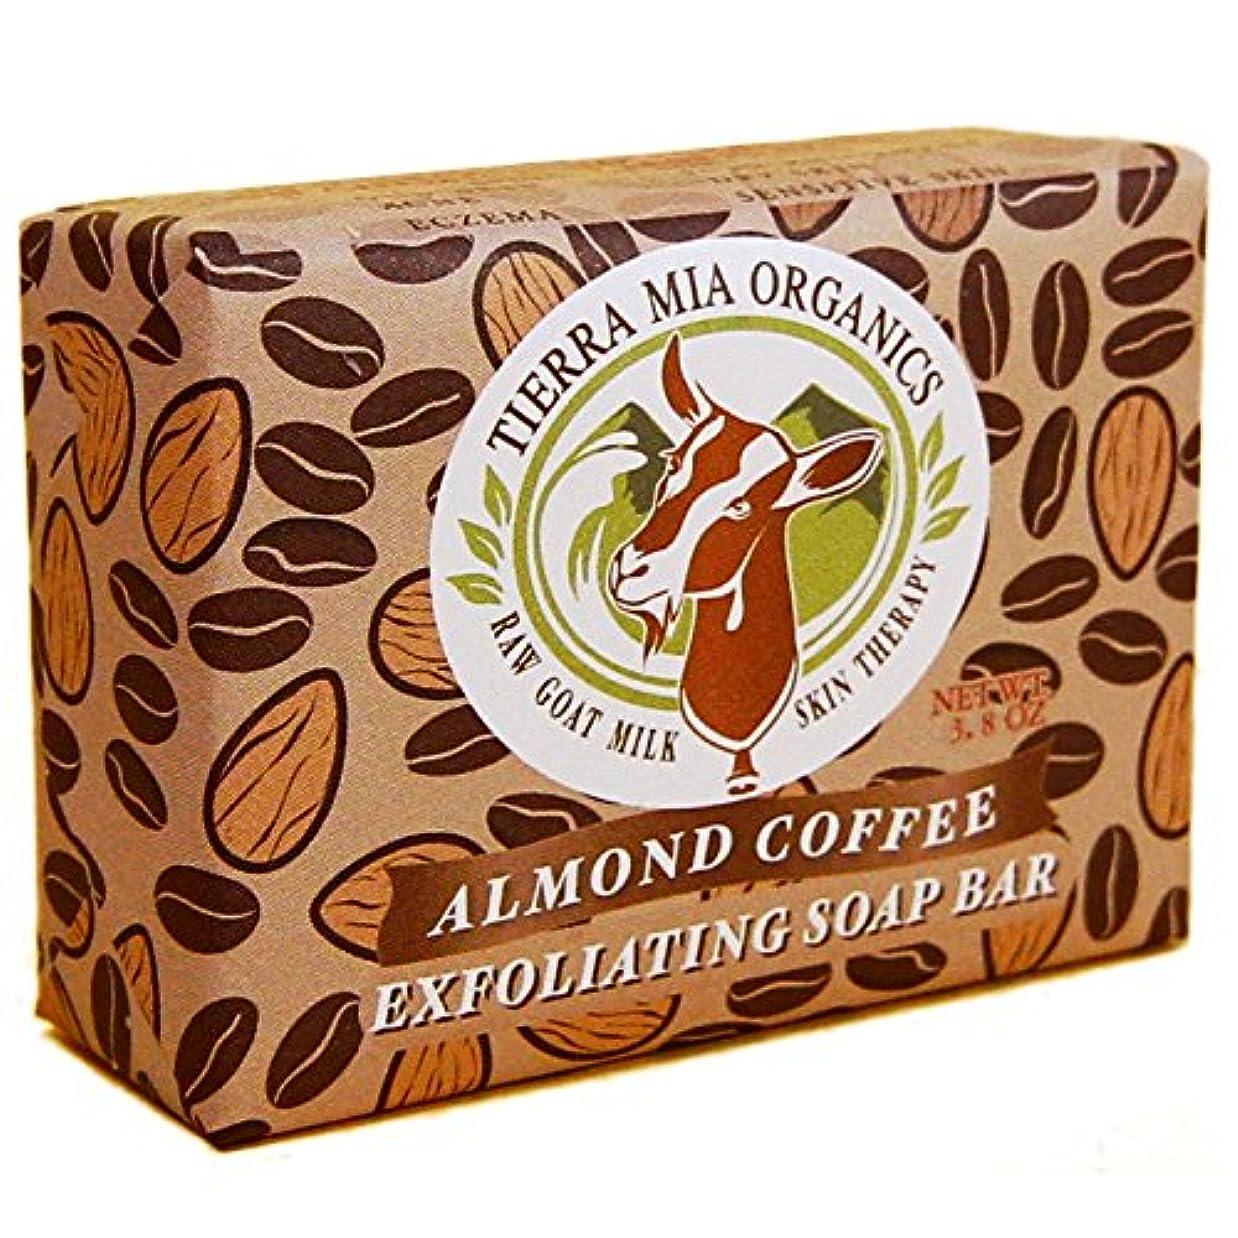 コークス電話をかける舗装するTierra Mia Organics, Raw Goat Milk Skin Therapy, Exfoliating Soap Bar, Almond Coffee, 3.8 oz